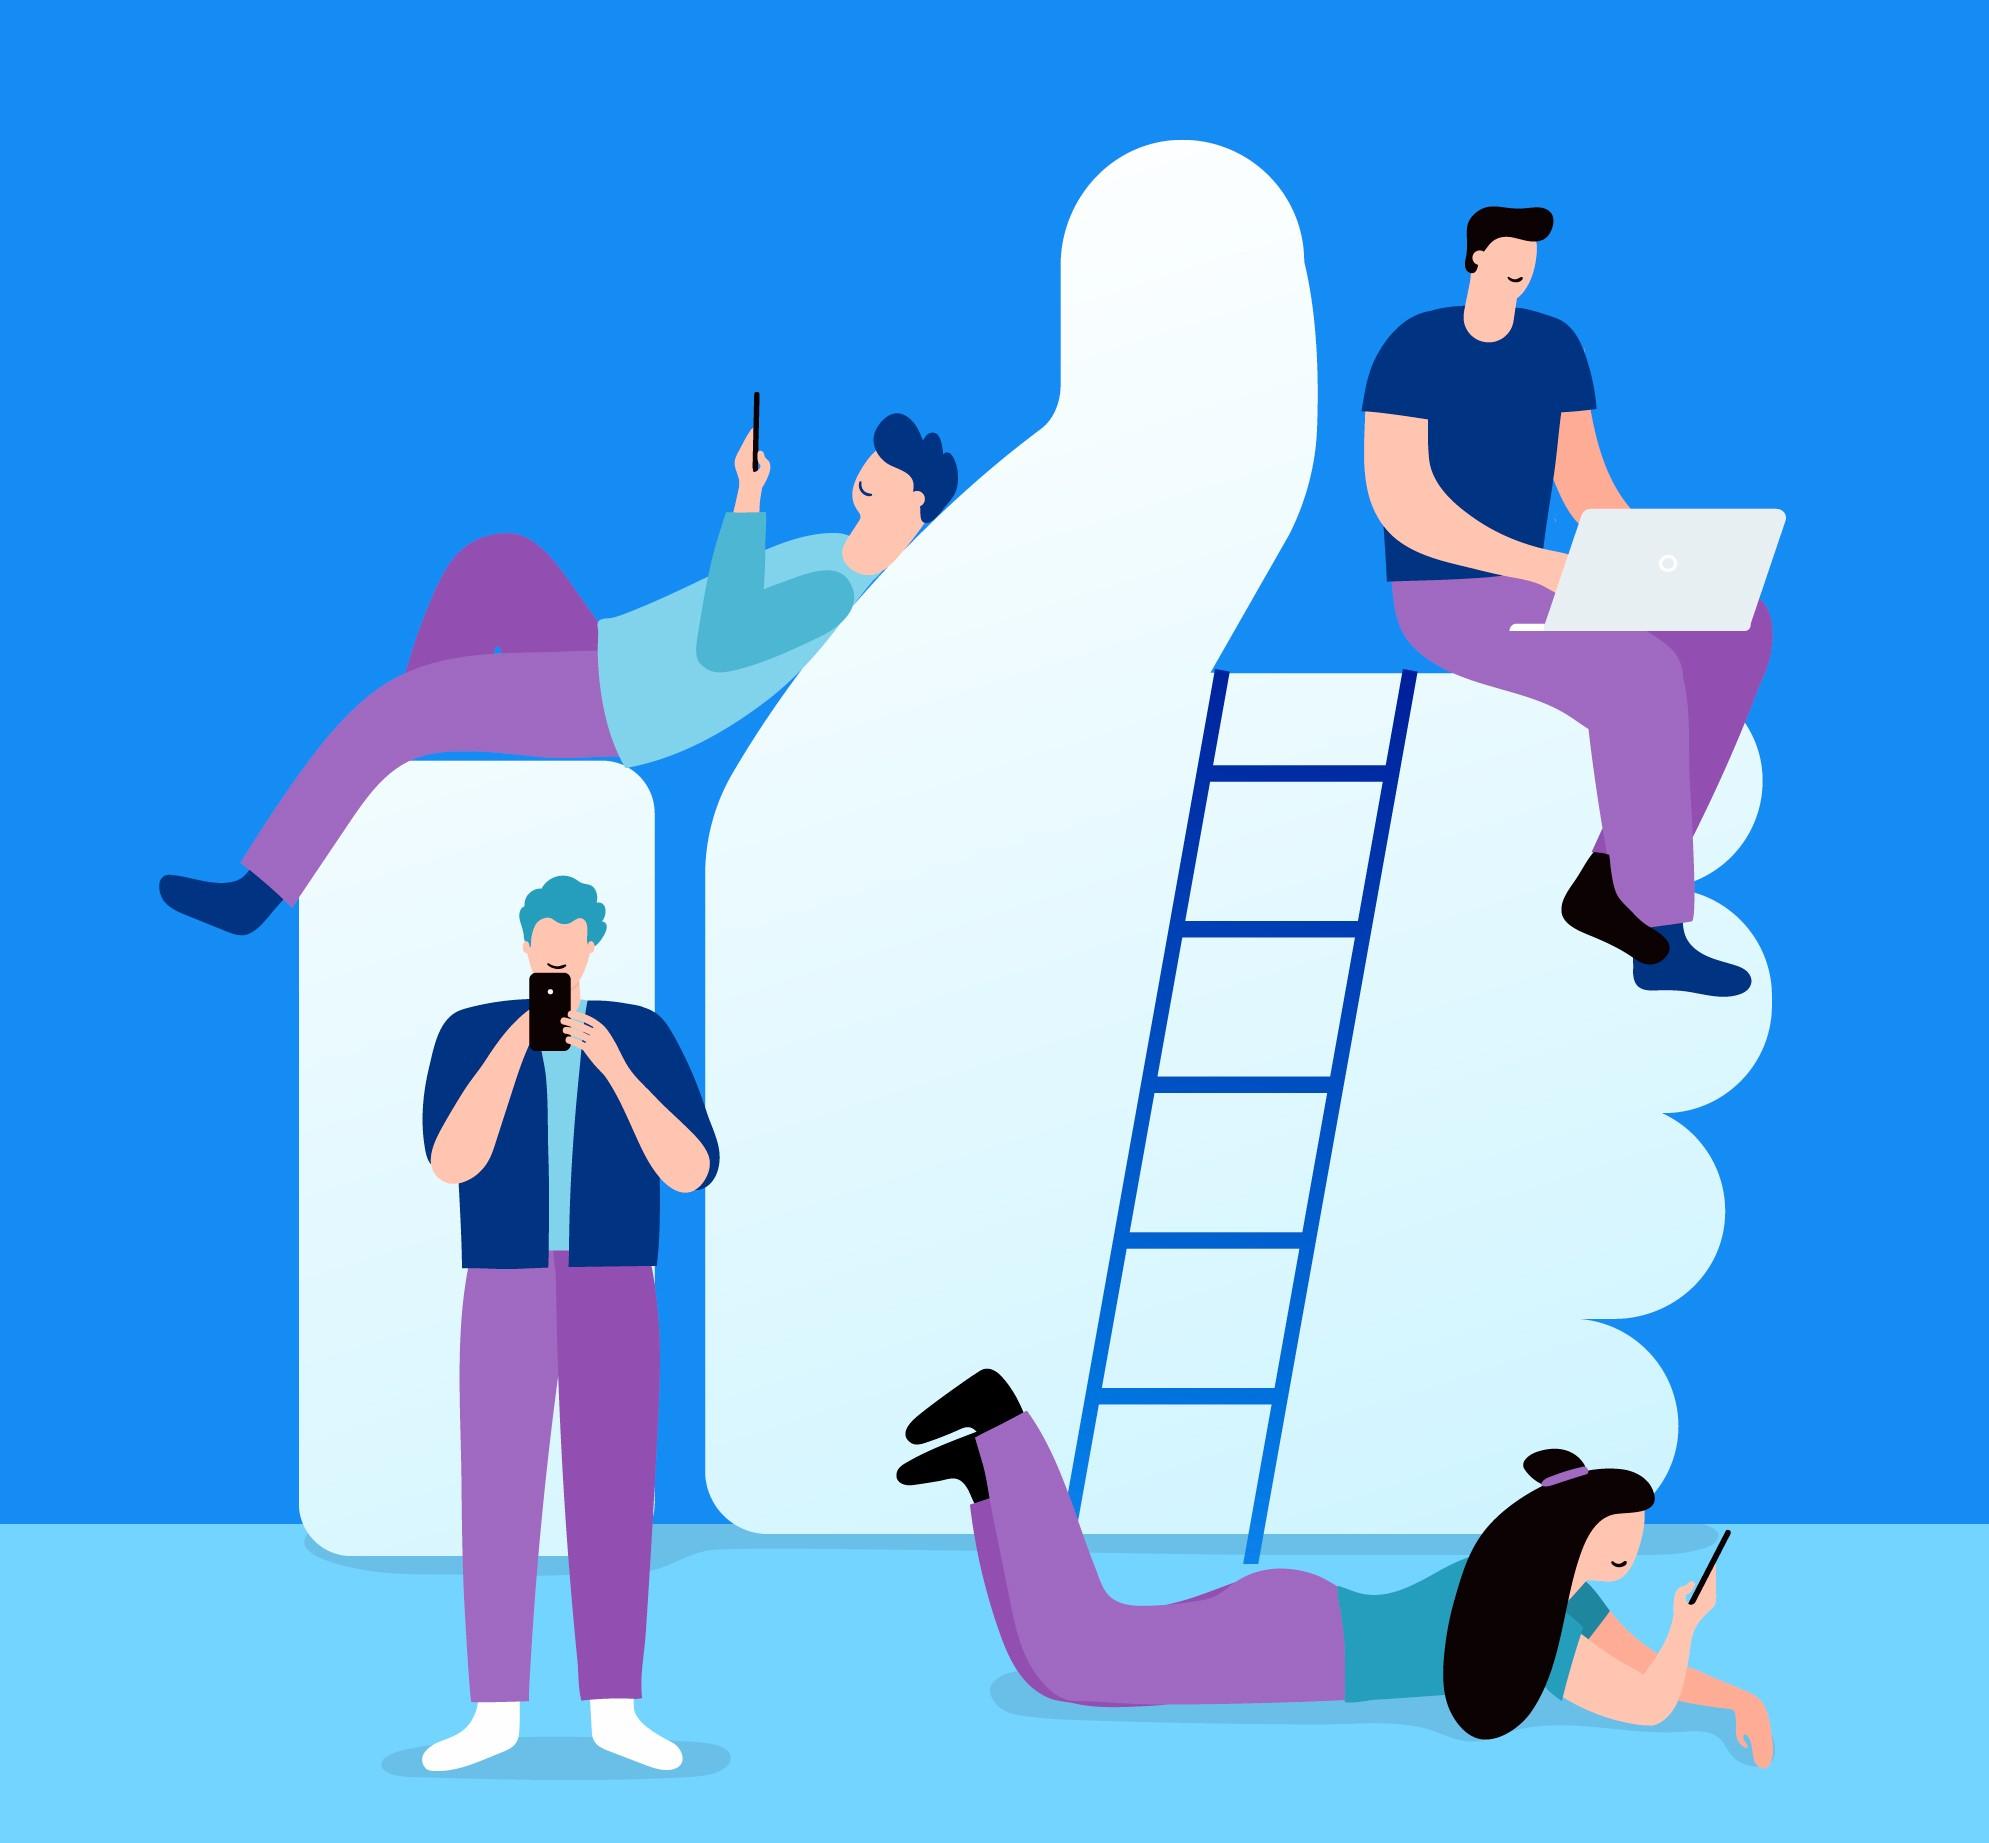 Descubra 3 passos incríveis para obter mais engajamento nas redes sociais